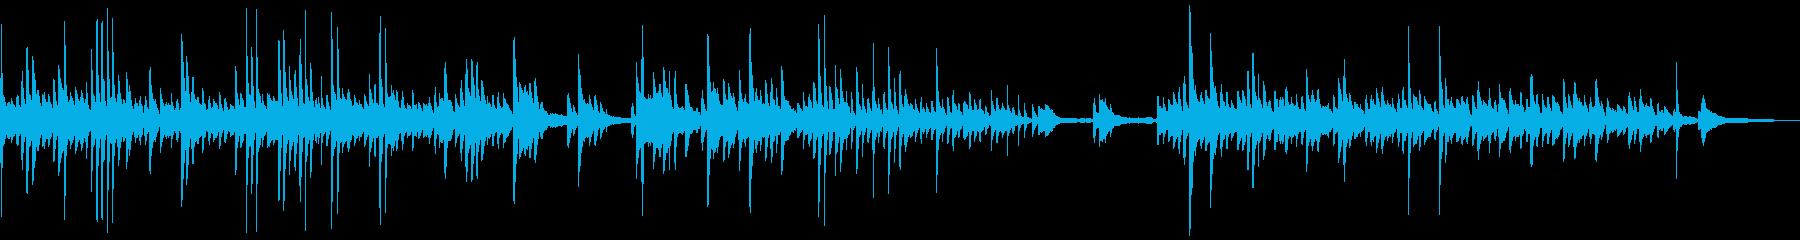 静穏で神秘的な雰囲気のピアノソロBGMの再生済みの波形